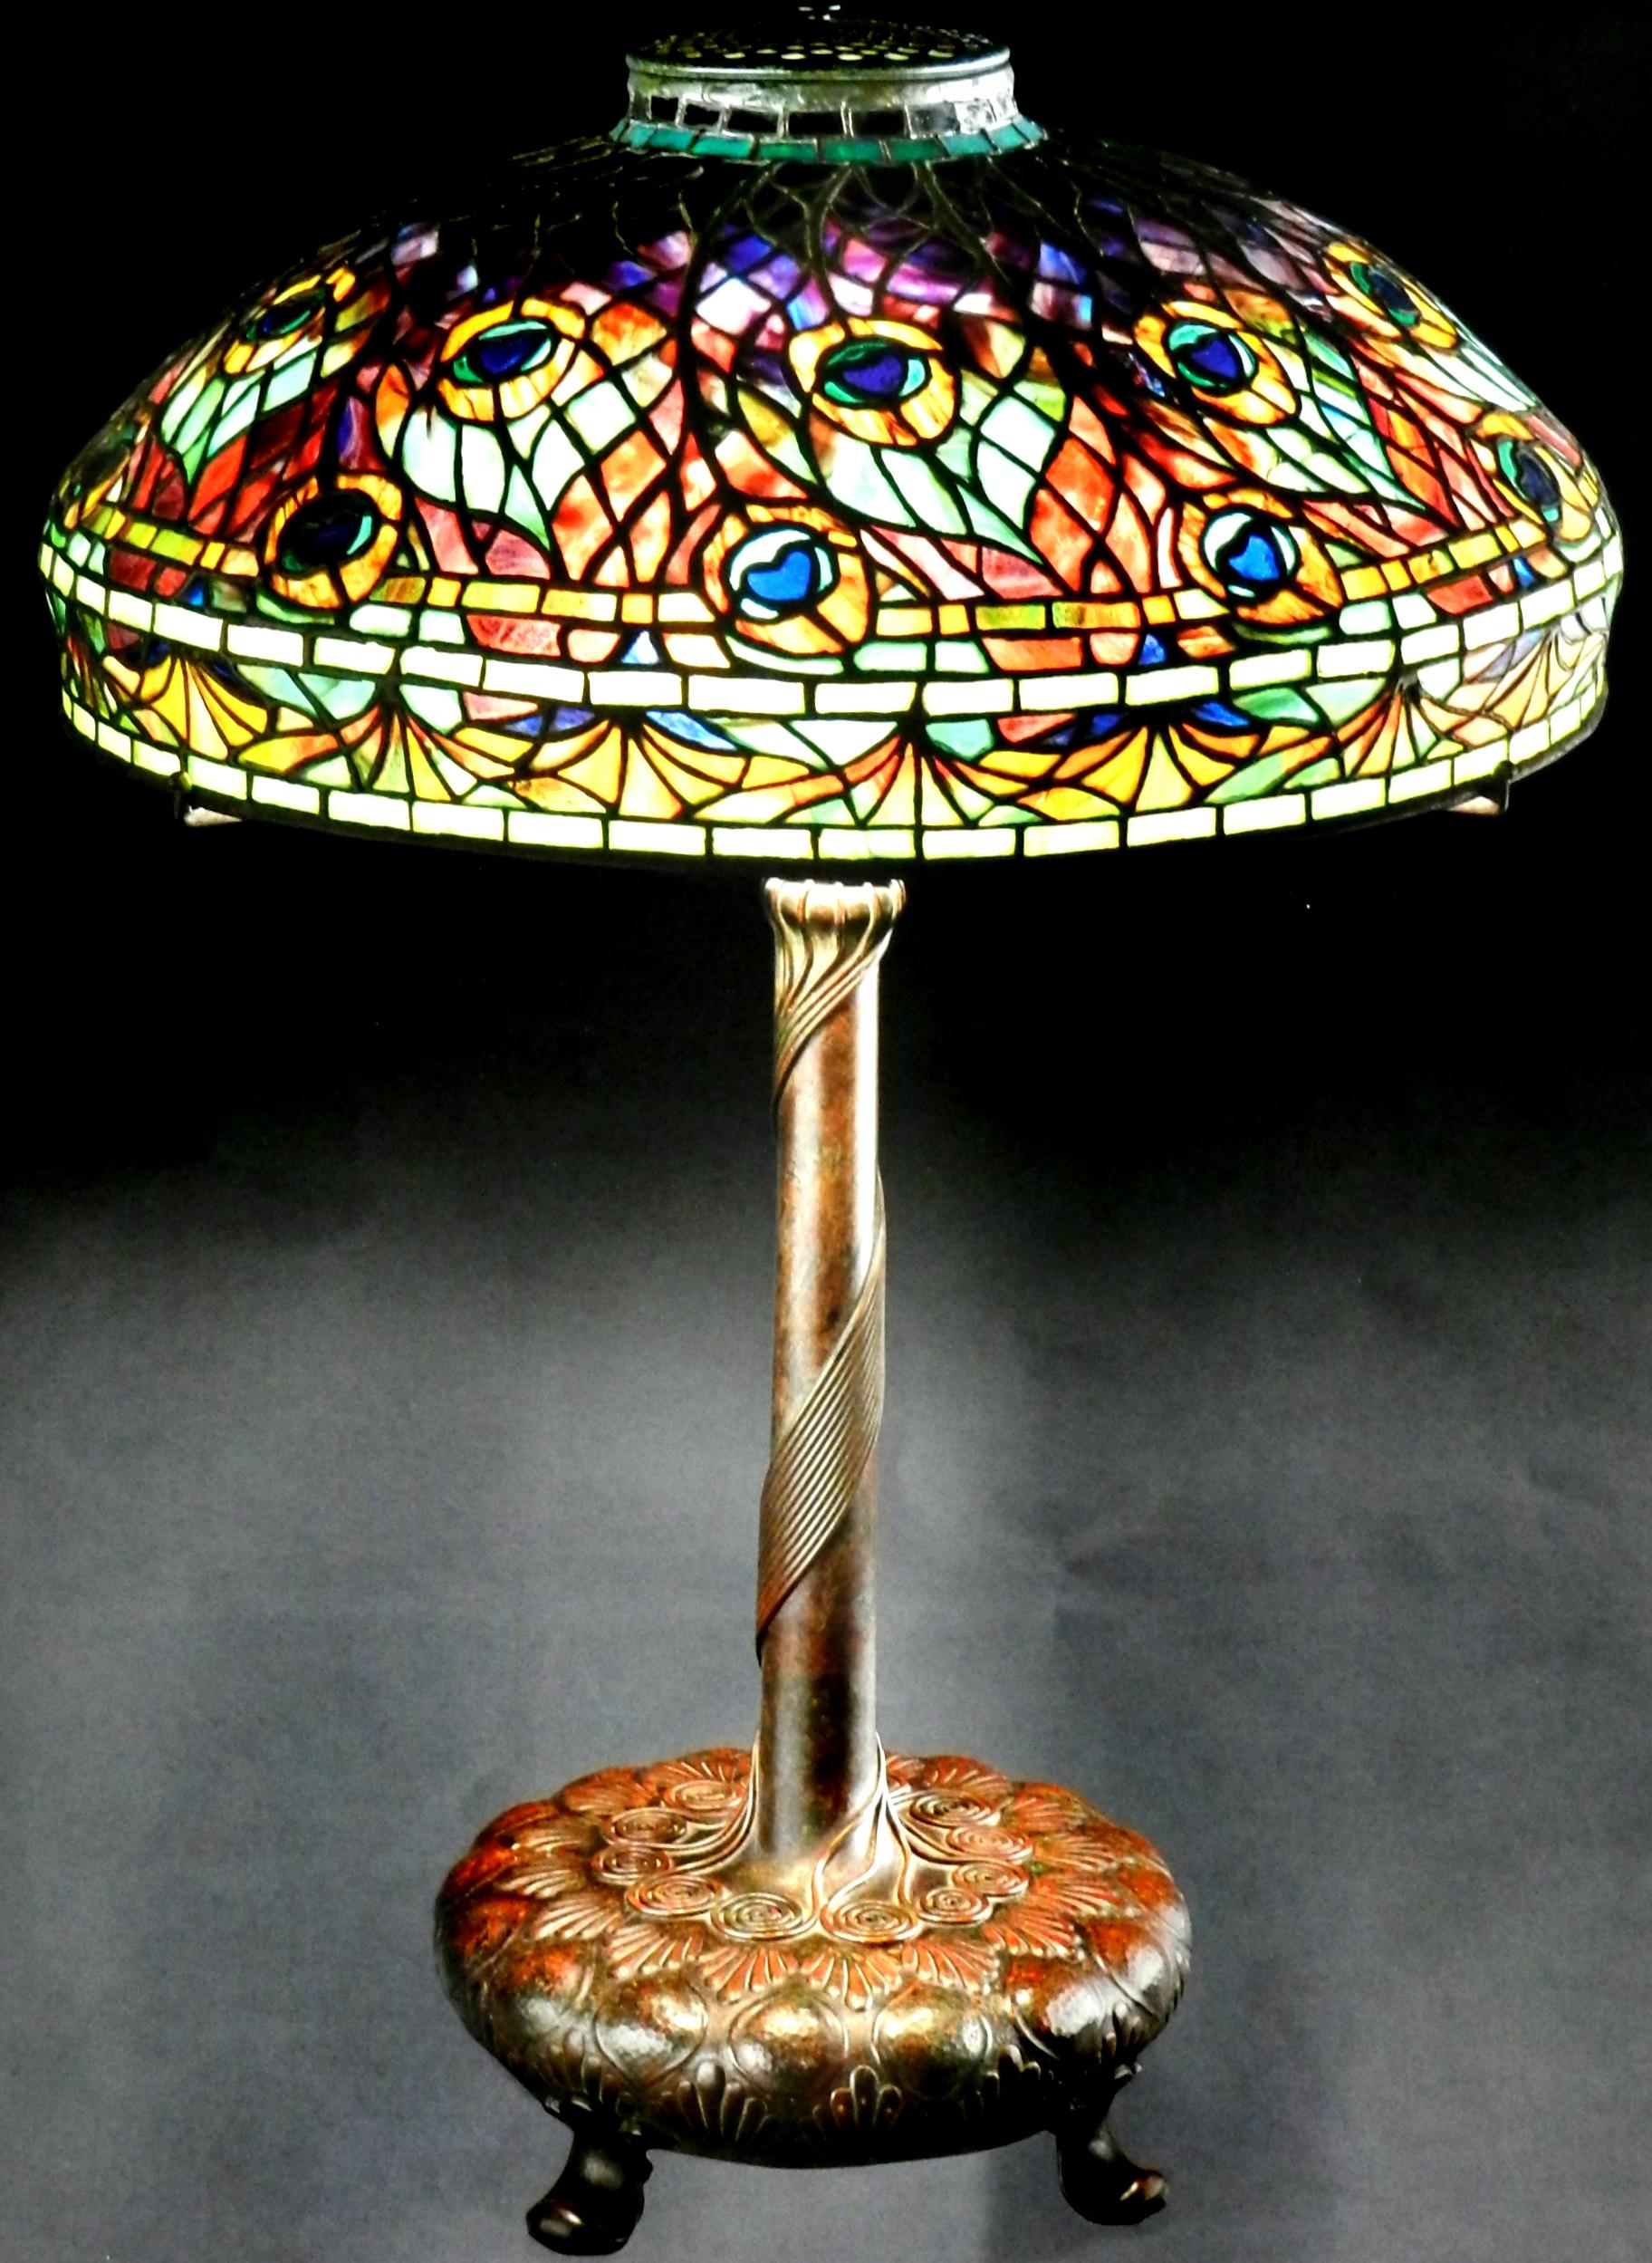 Lampe Peacock Wikipedia